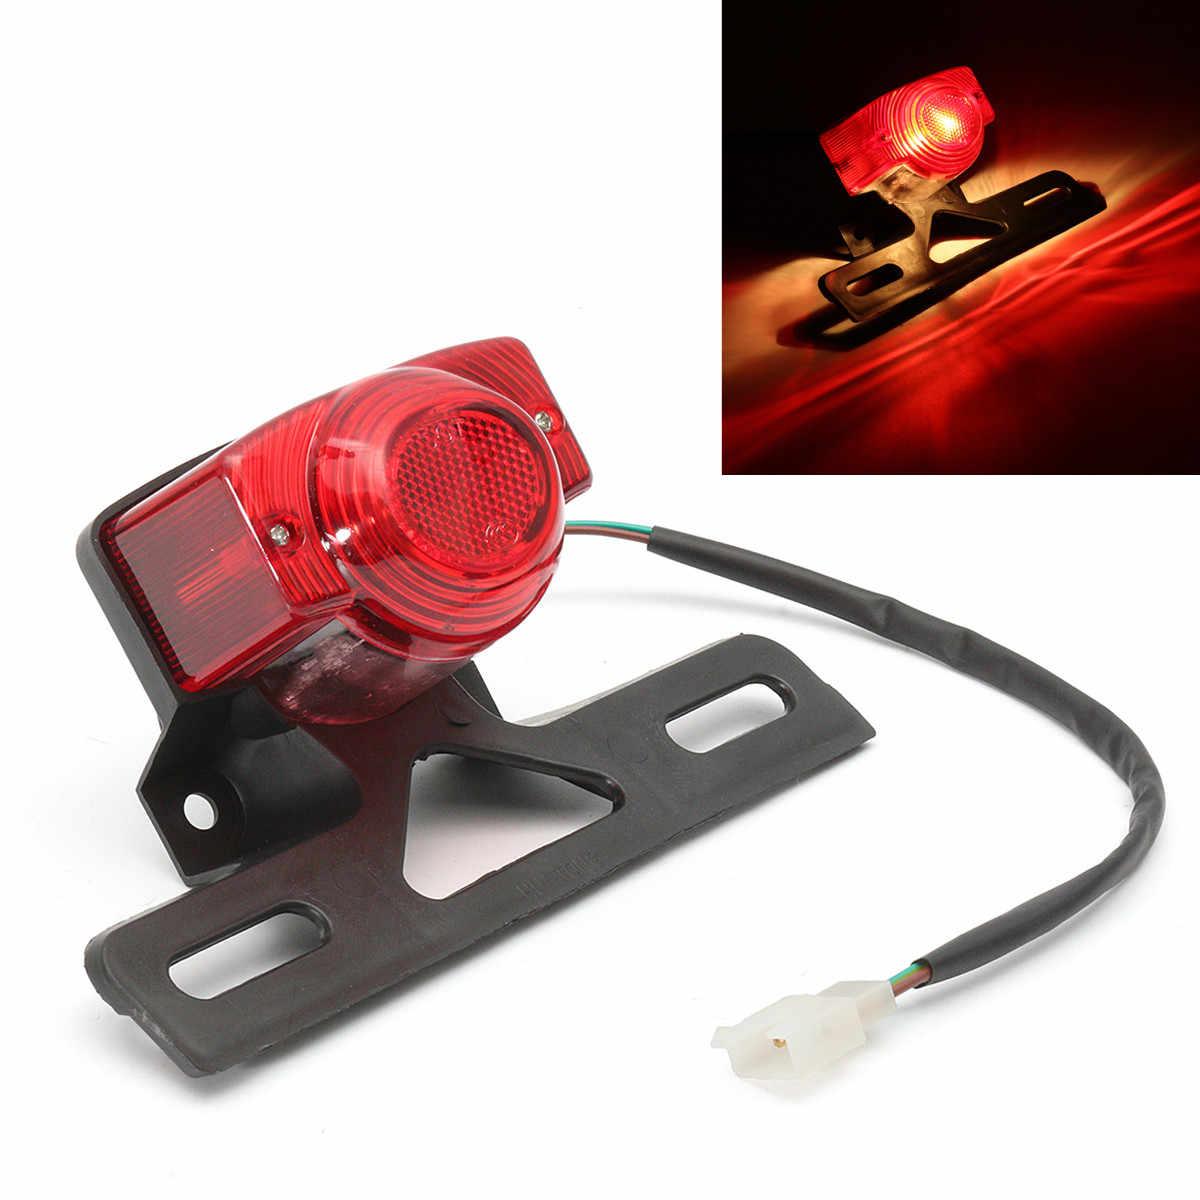 Задний фонарь мотоцикл красный задний фонарь стоп-сигнал Лампа номерной знак кронштейн для Honda Monkey Z50 Z50JZ Z 50 KDF велосипед